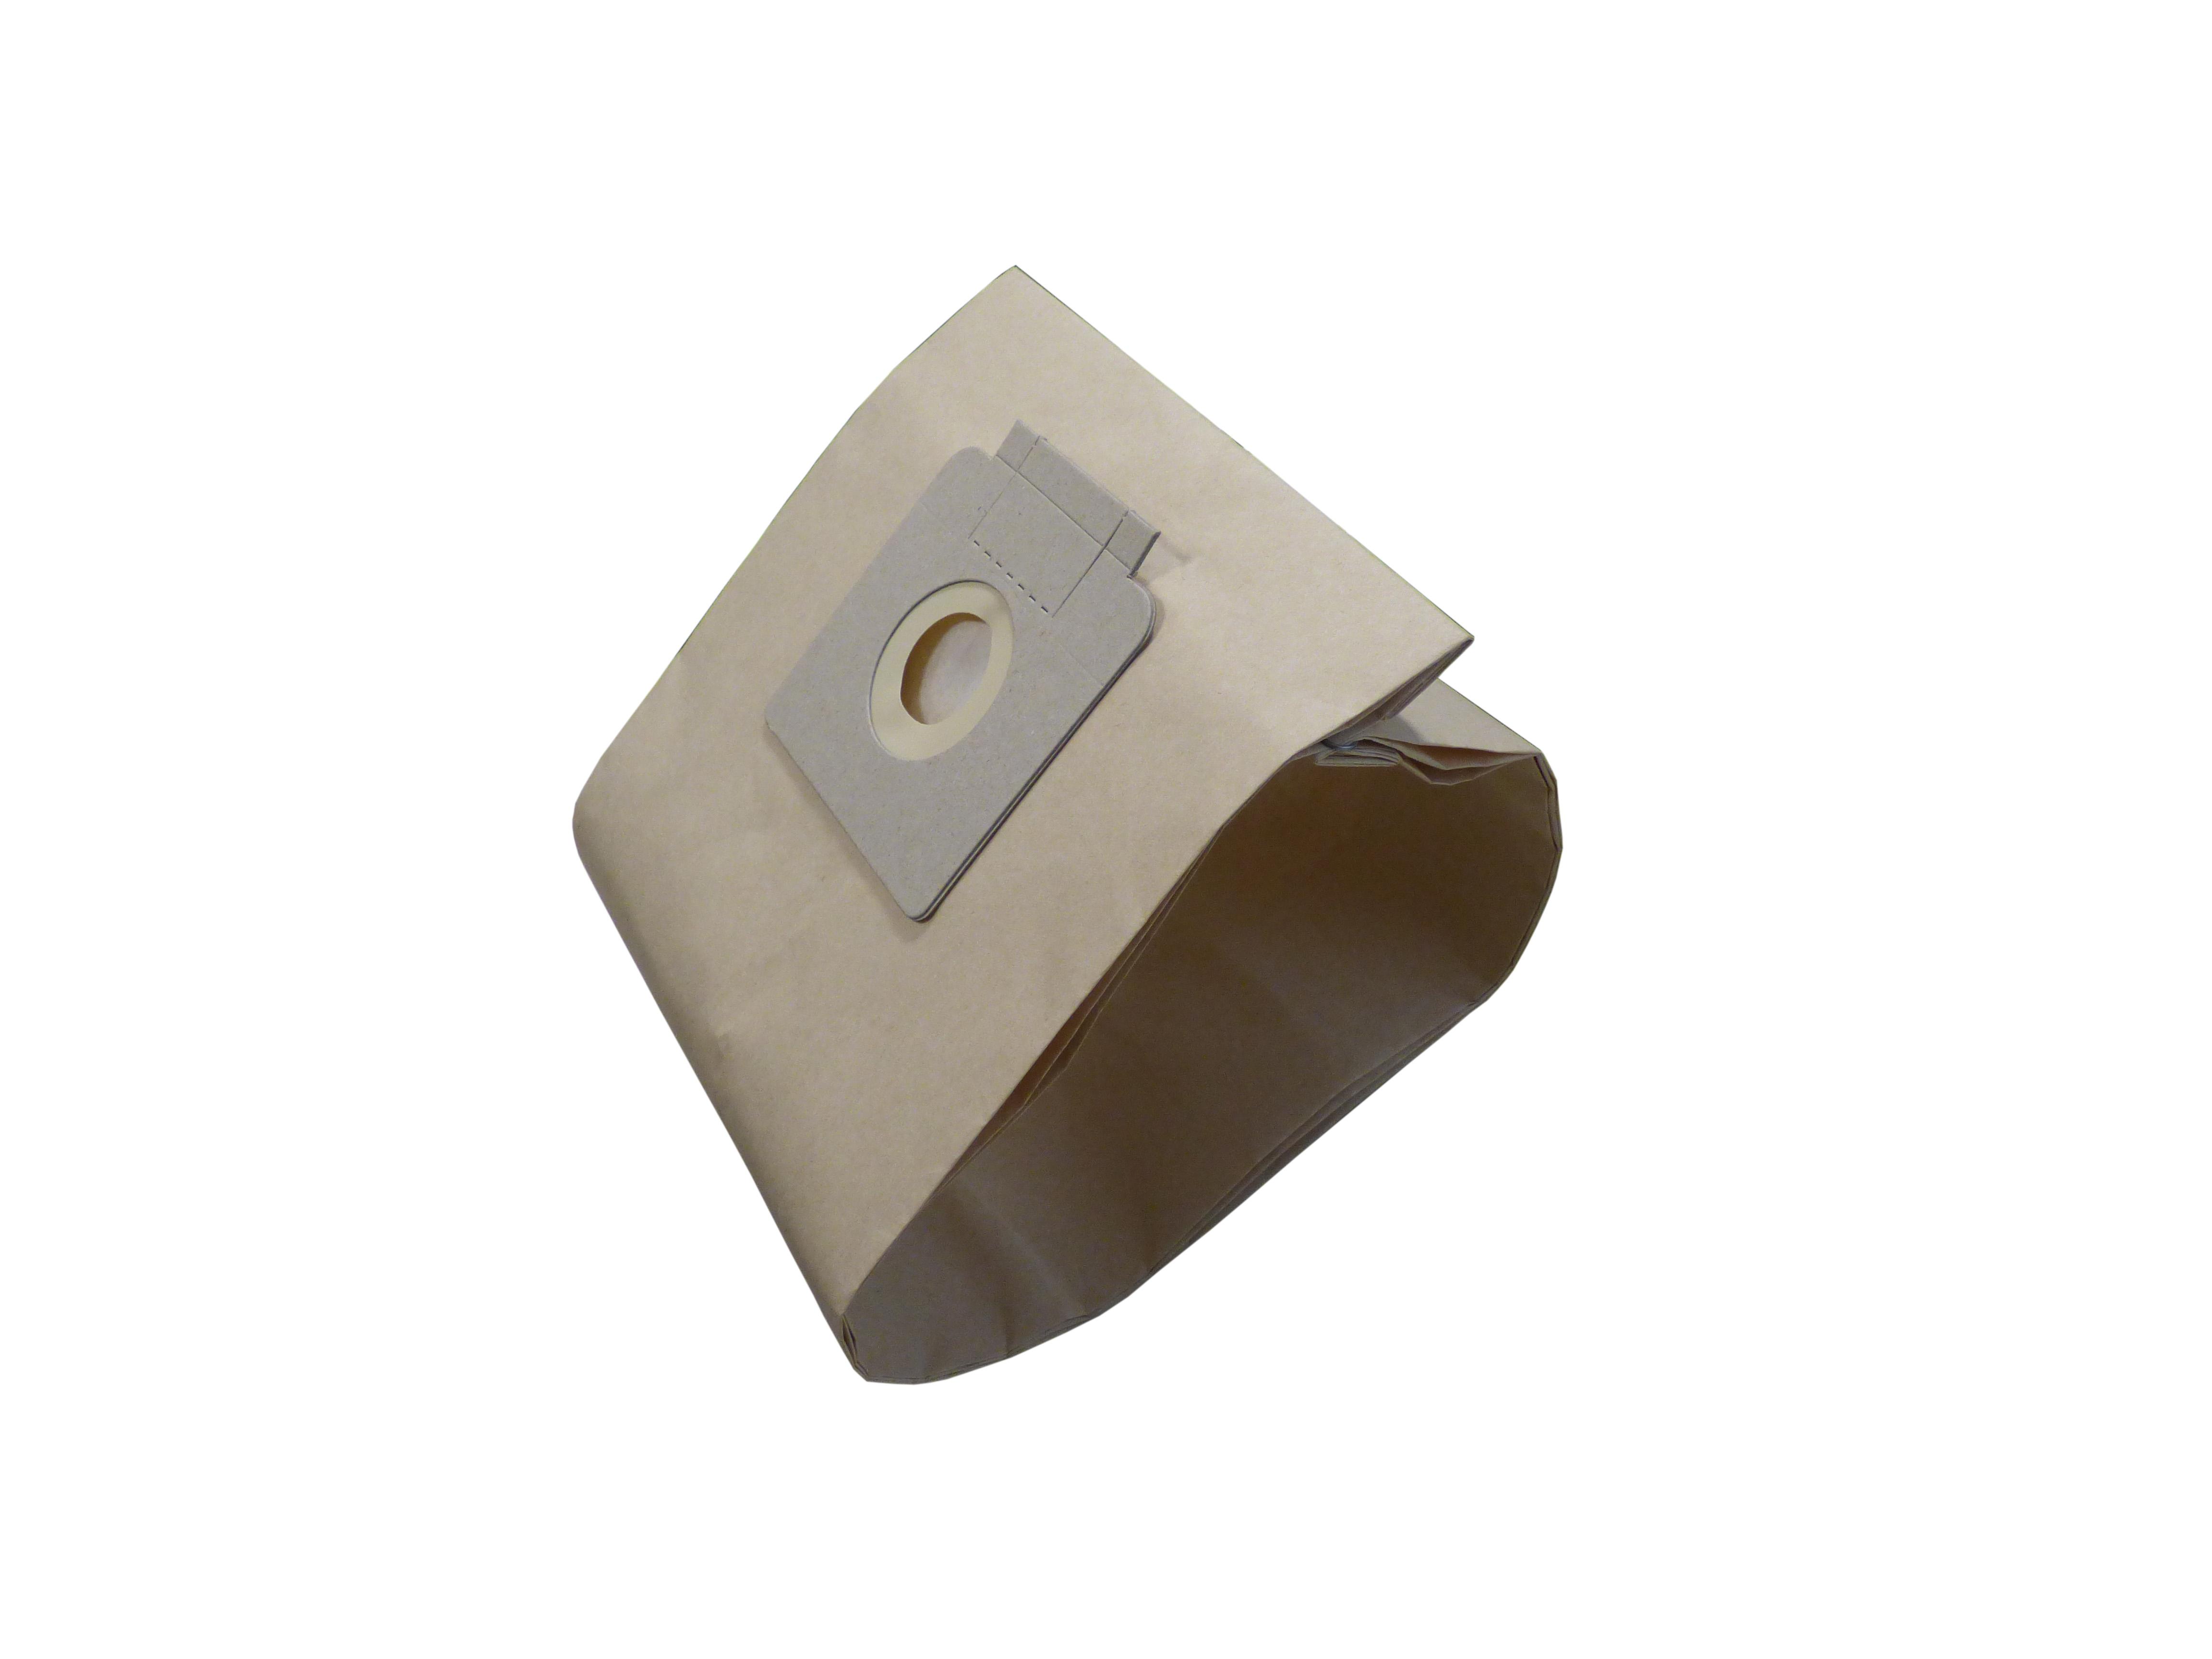 staubsaugerbeutel f r k rcher t 15 1 17 1 staubsauger geeignetes vorwerk staubsaugerzubeh r. Black Bedroom Furniture Sets. Home Design Ideas